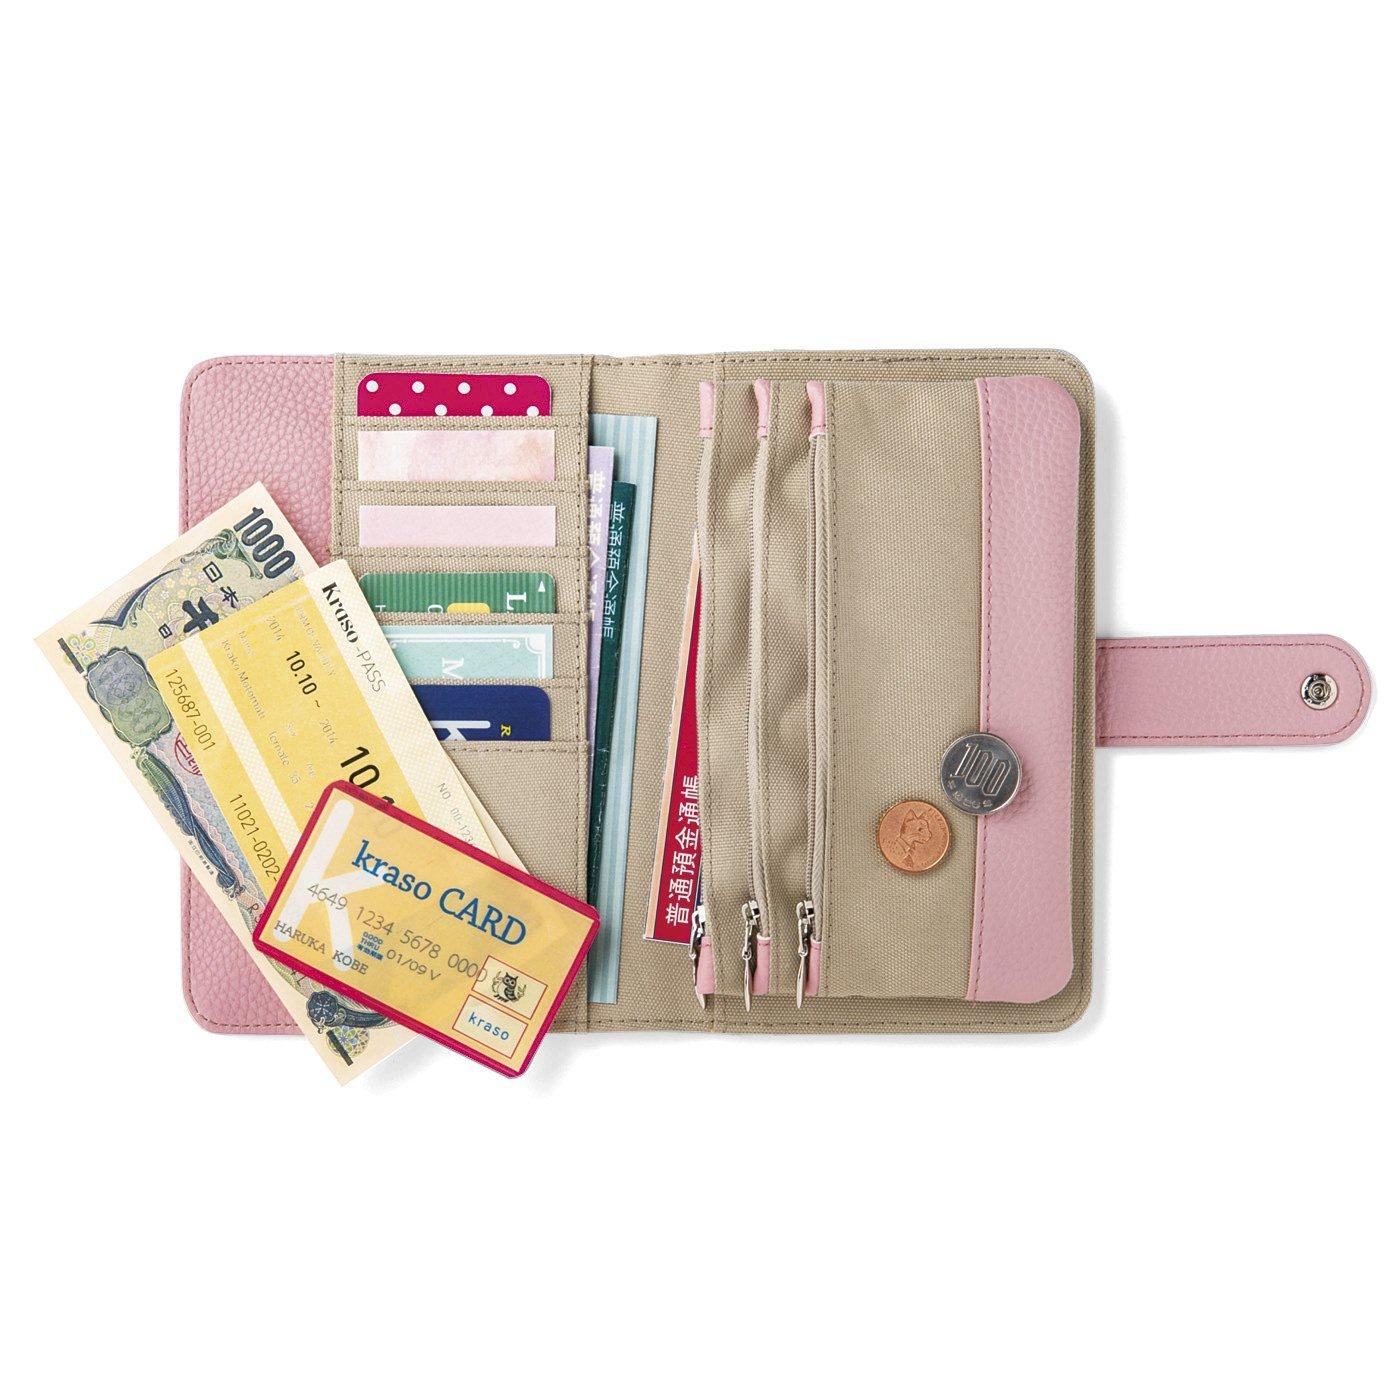 充実ポケットで整とん美人 ハッピーピンクの手帳型ポーチ